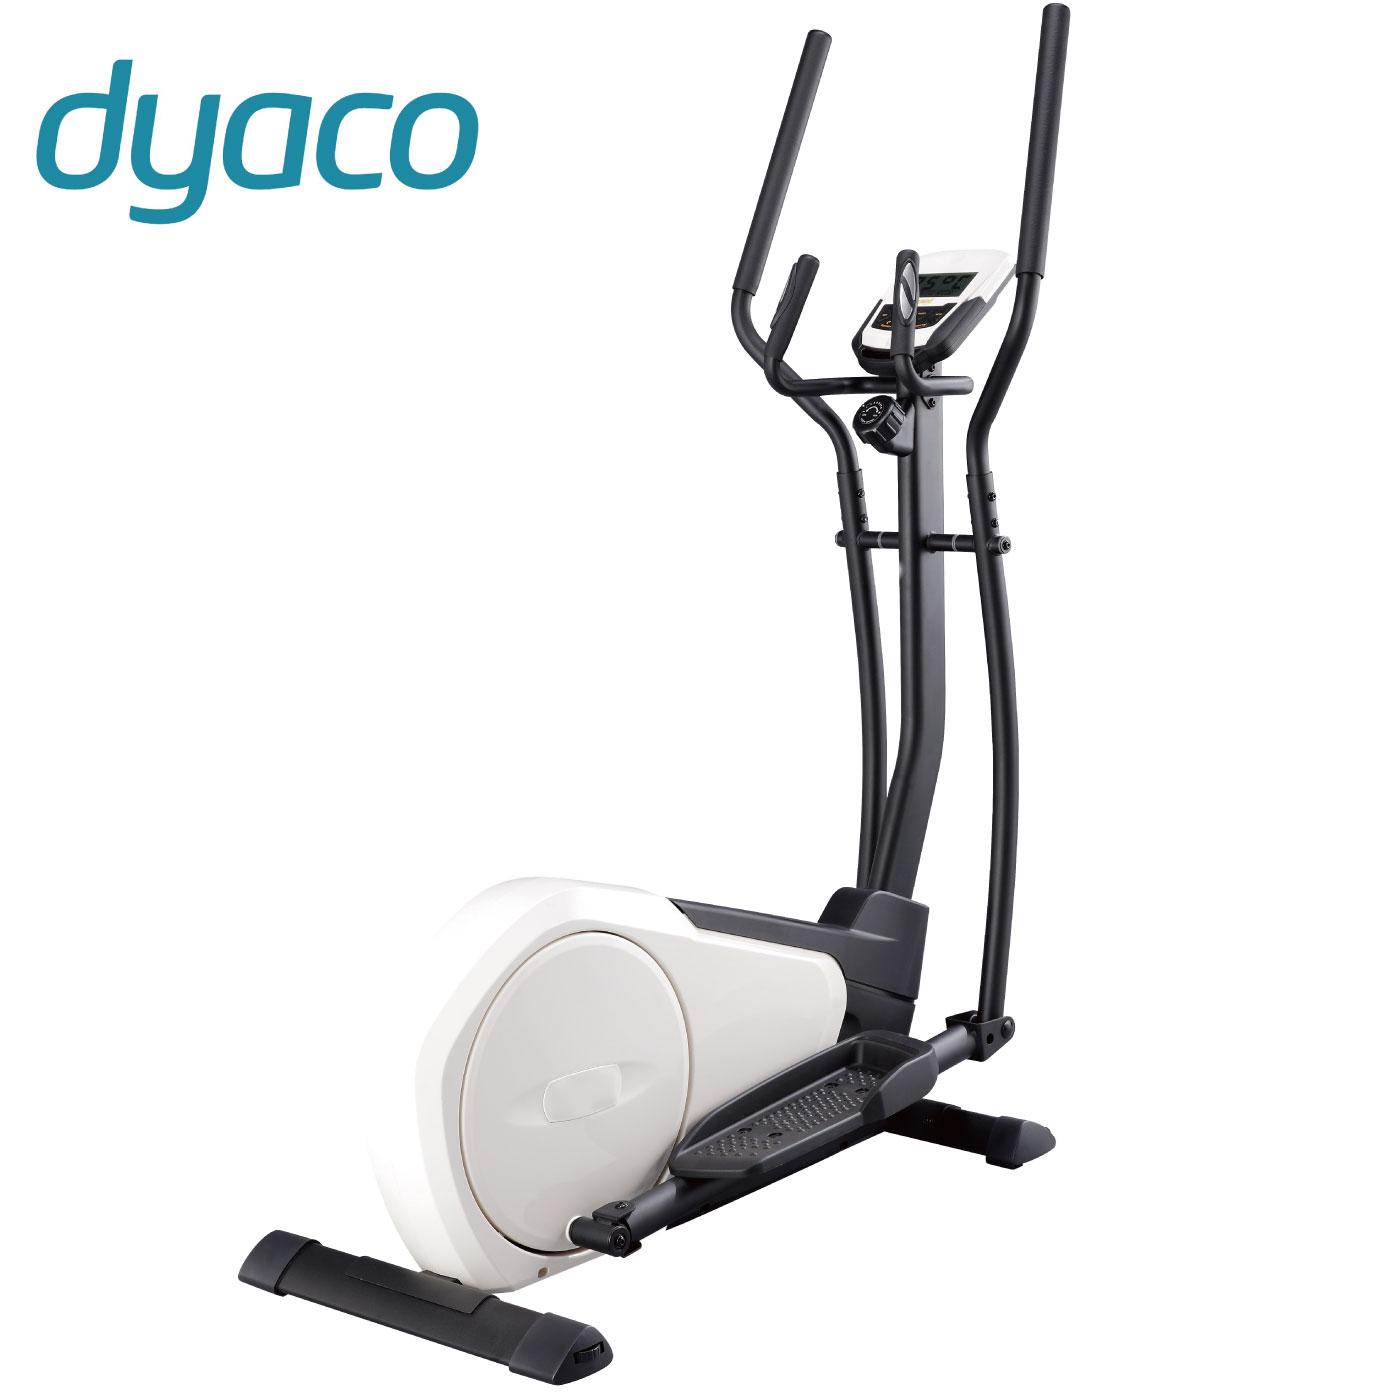 SE155-30/家庭用クロストレーナー(エリプティカル)《DYACO(ダイヤコ)》